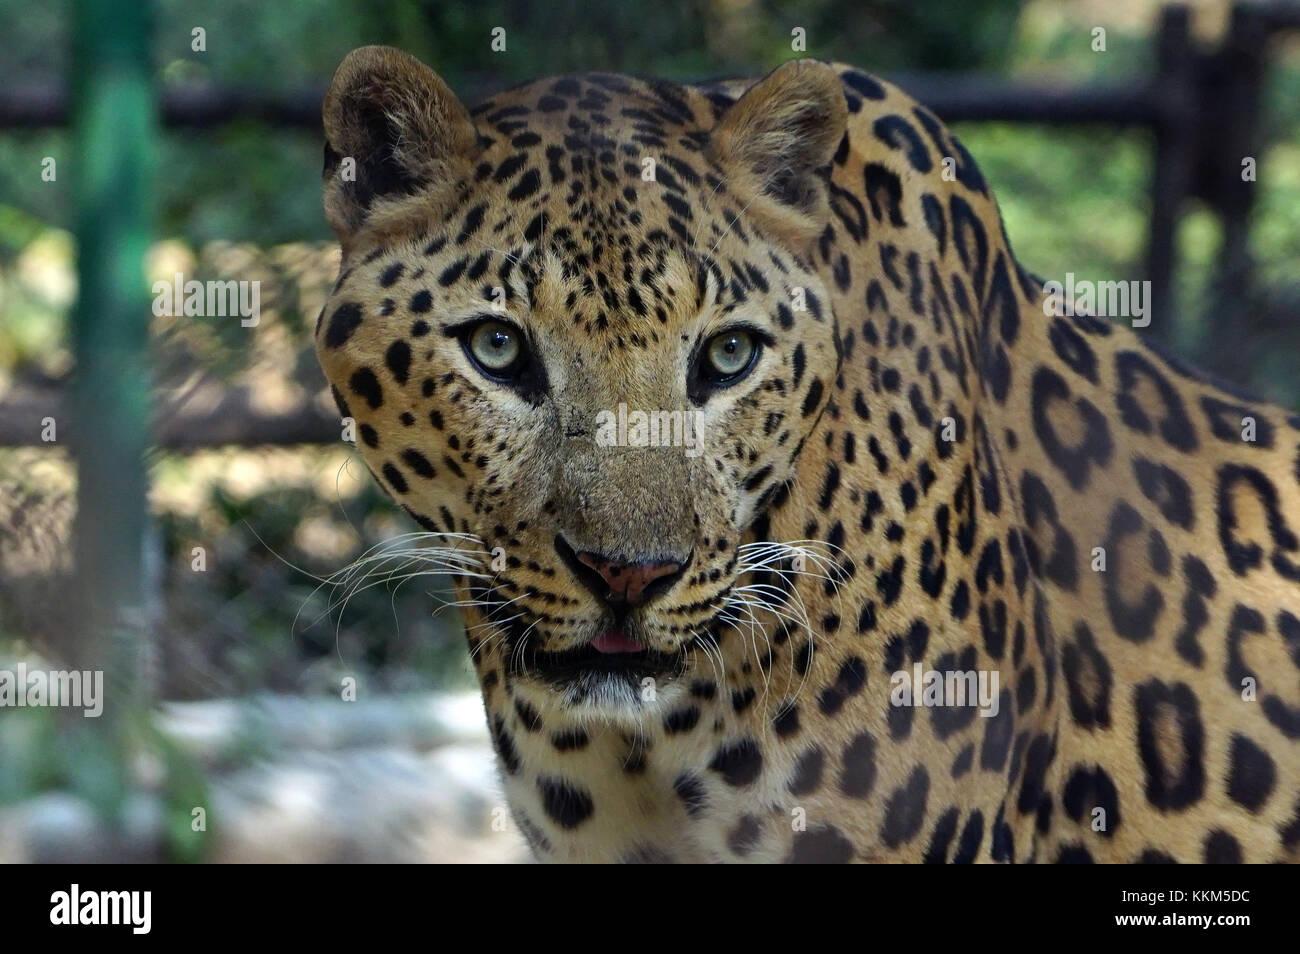 Una Jaguar a fissare la fotocamera mentre era all'interno della gabbia. Immagini Stock